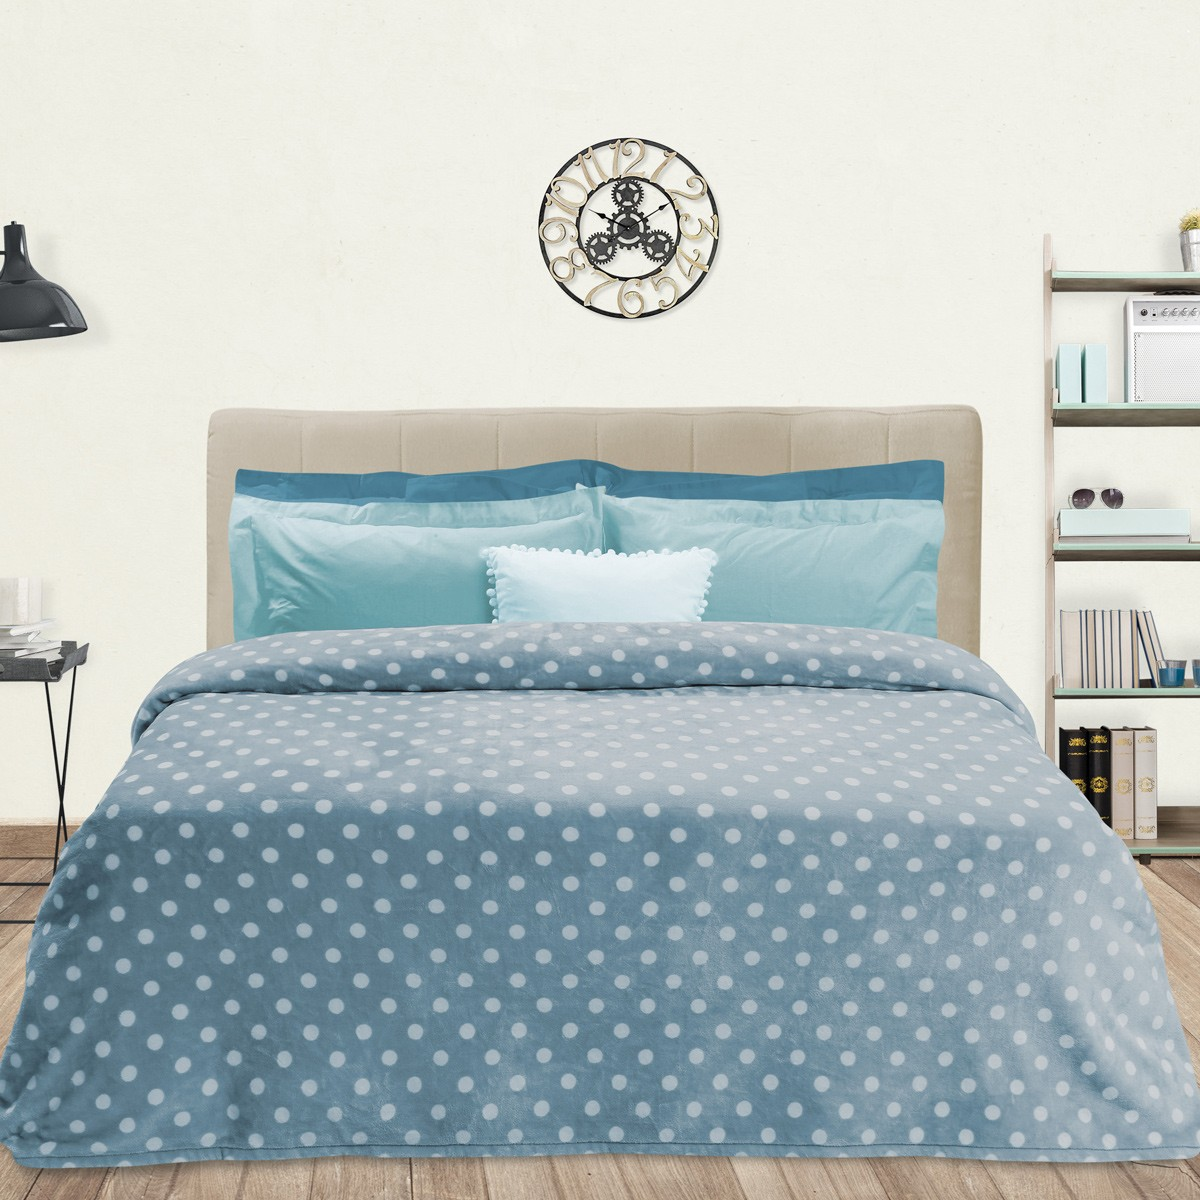 Κουβέρτα Fleece Υπέρδιπλη Das Home Blanket Line Prints 401